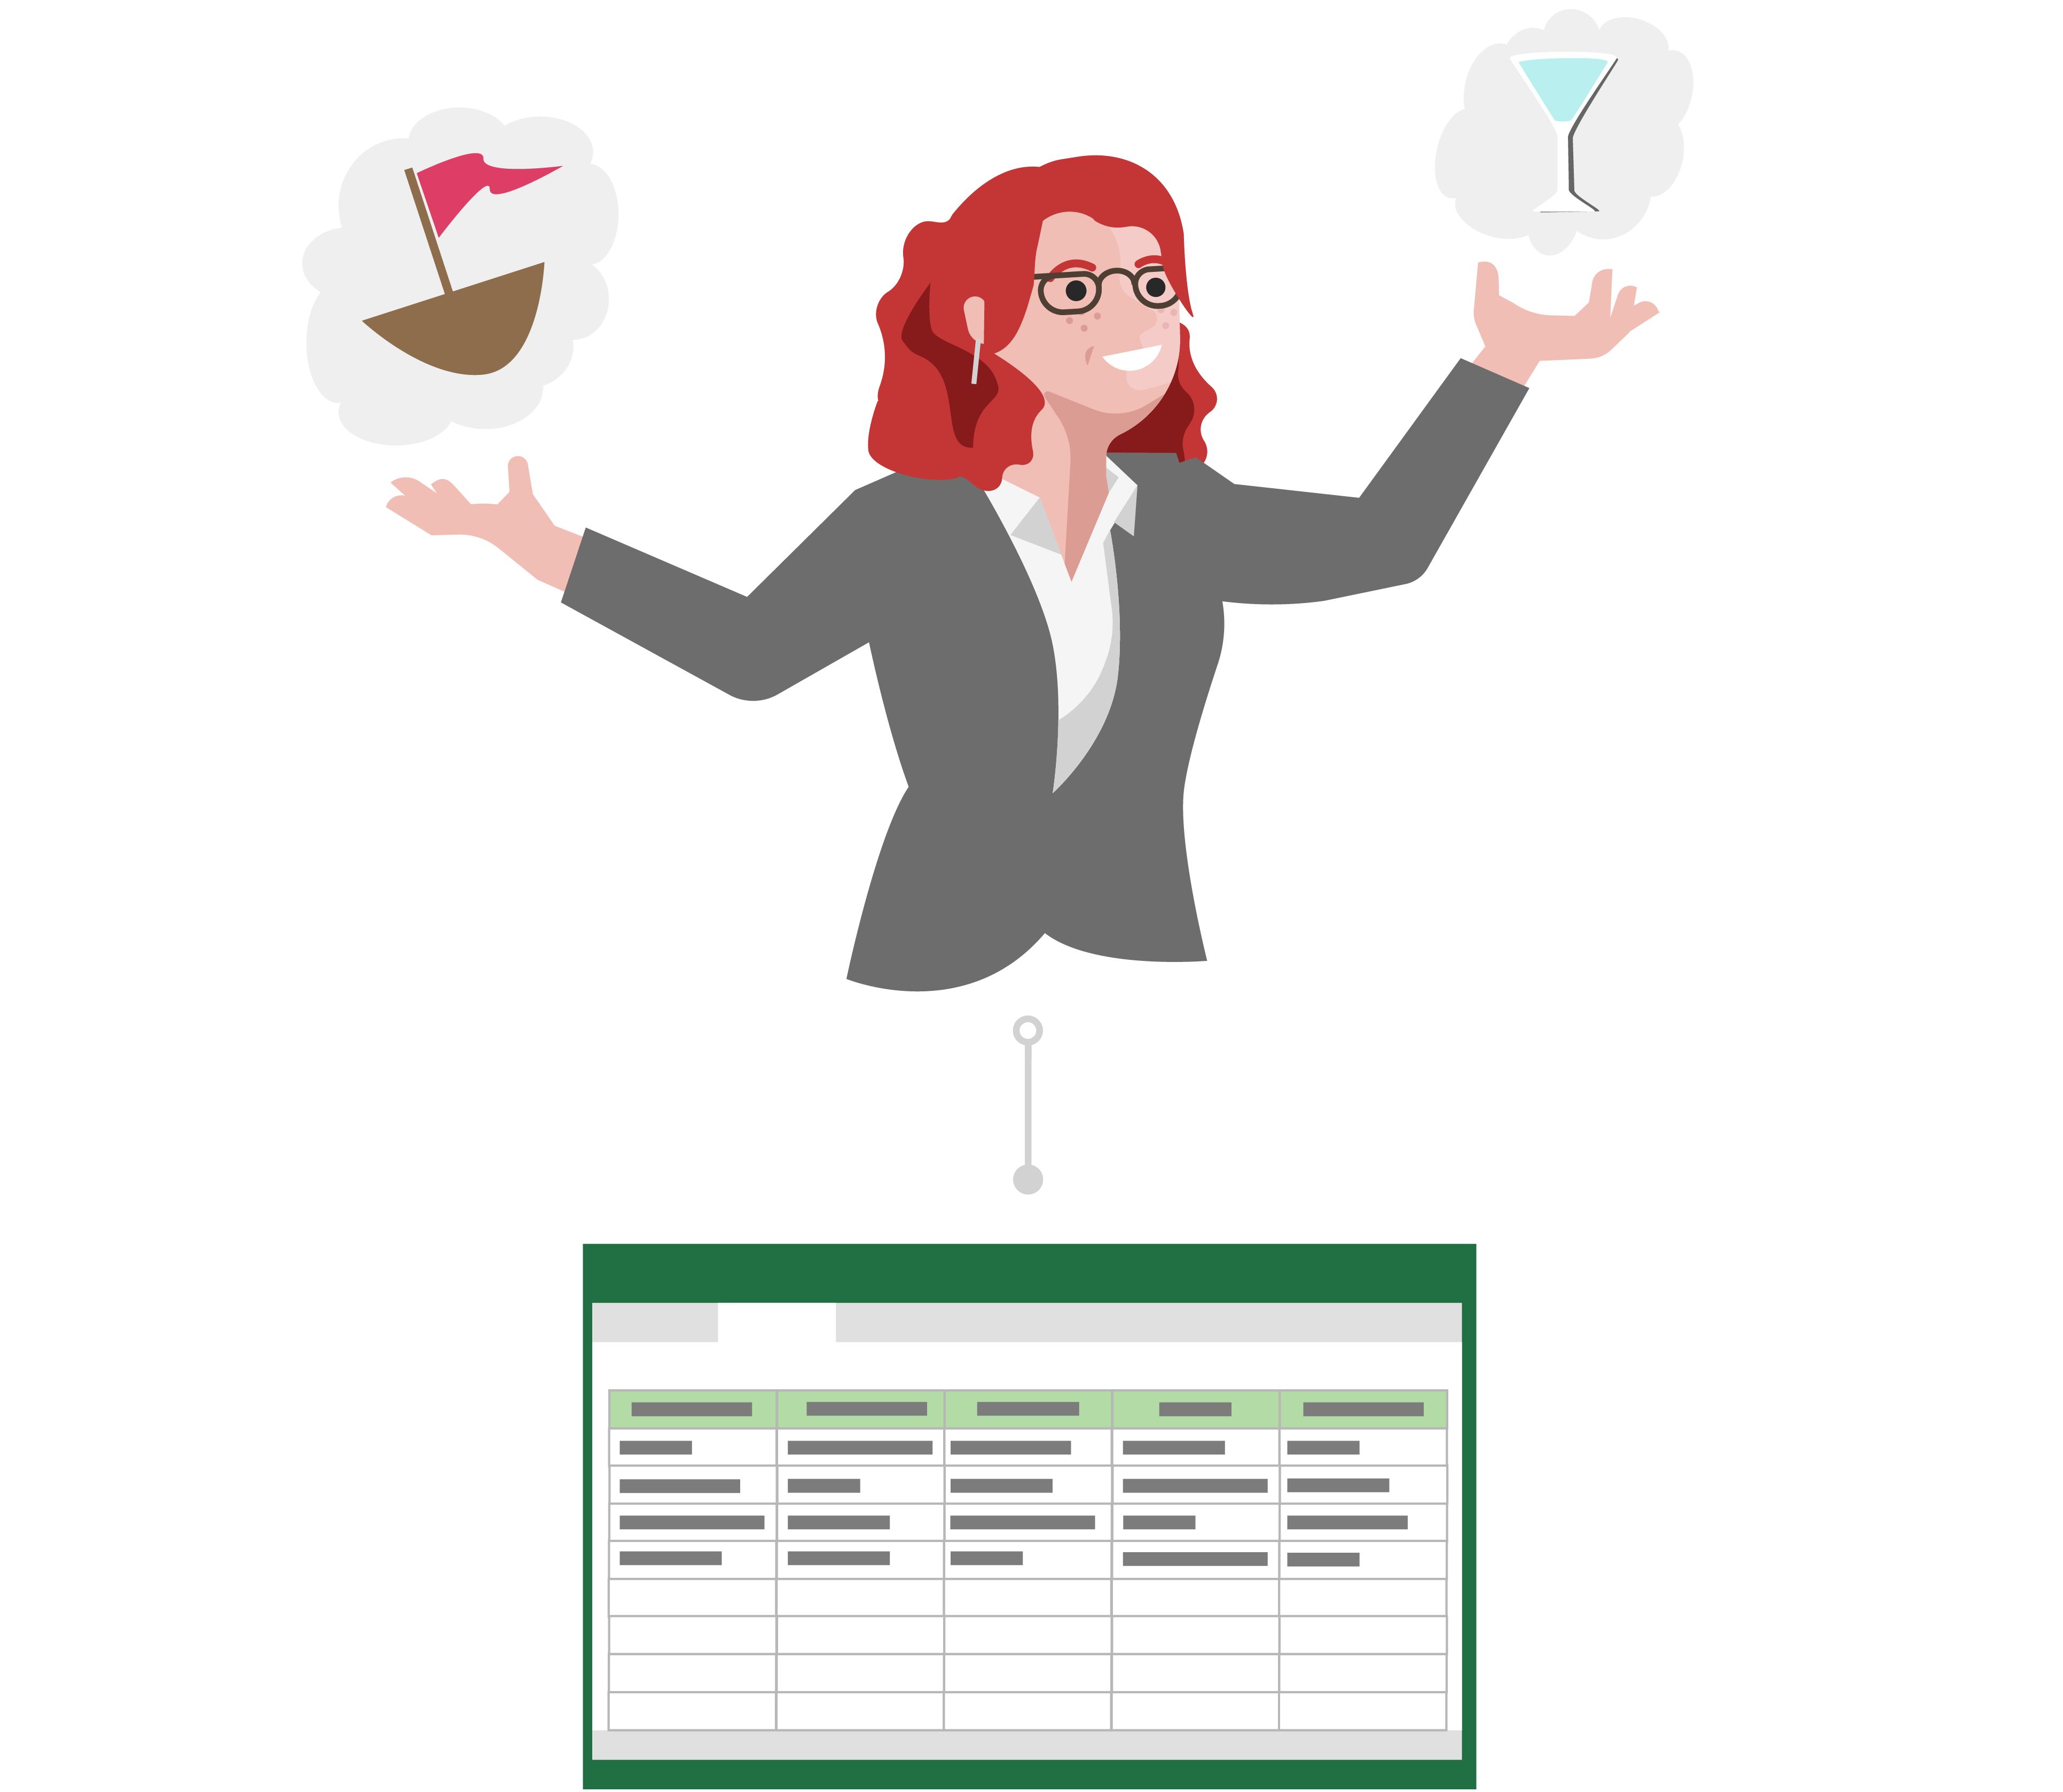 Linda are nevoie de feedback despre ideile ei, astfel încât să creeze o foaie de calcul și să economisească în cloud.